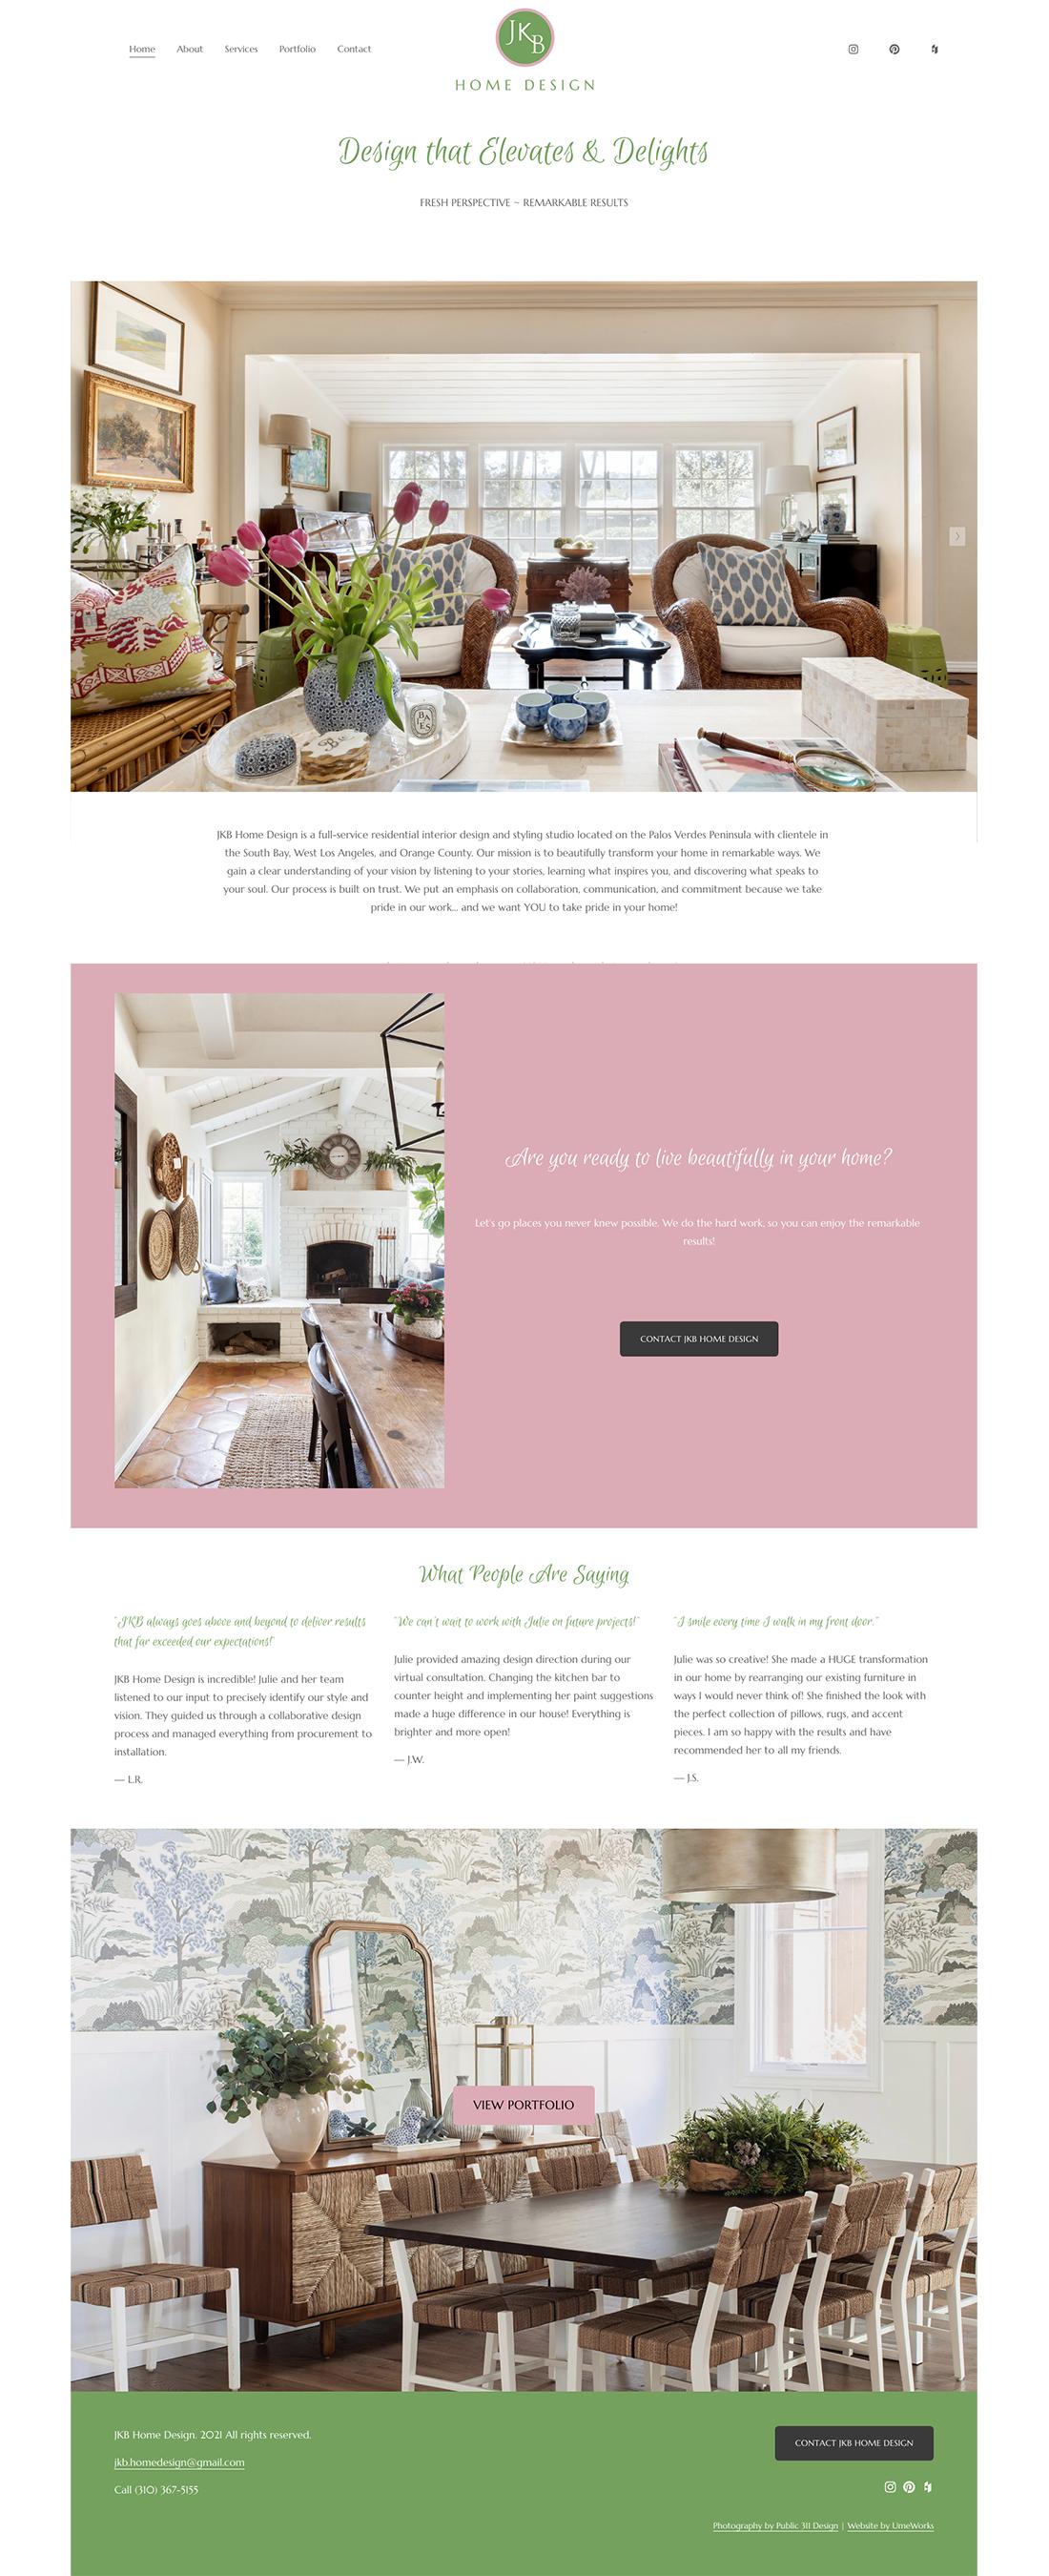 JKB Home Design website homepage